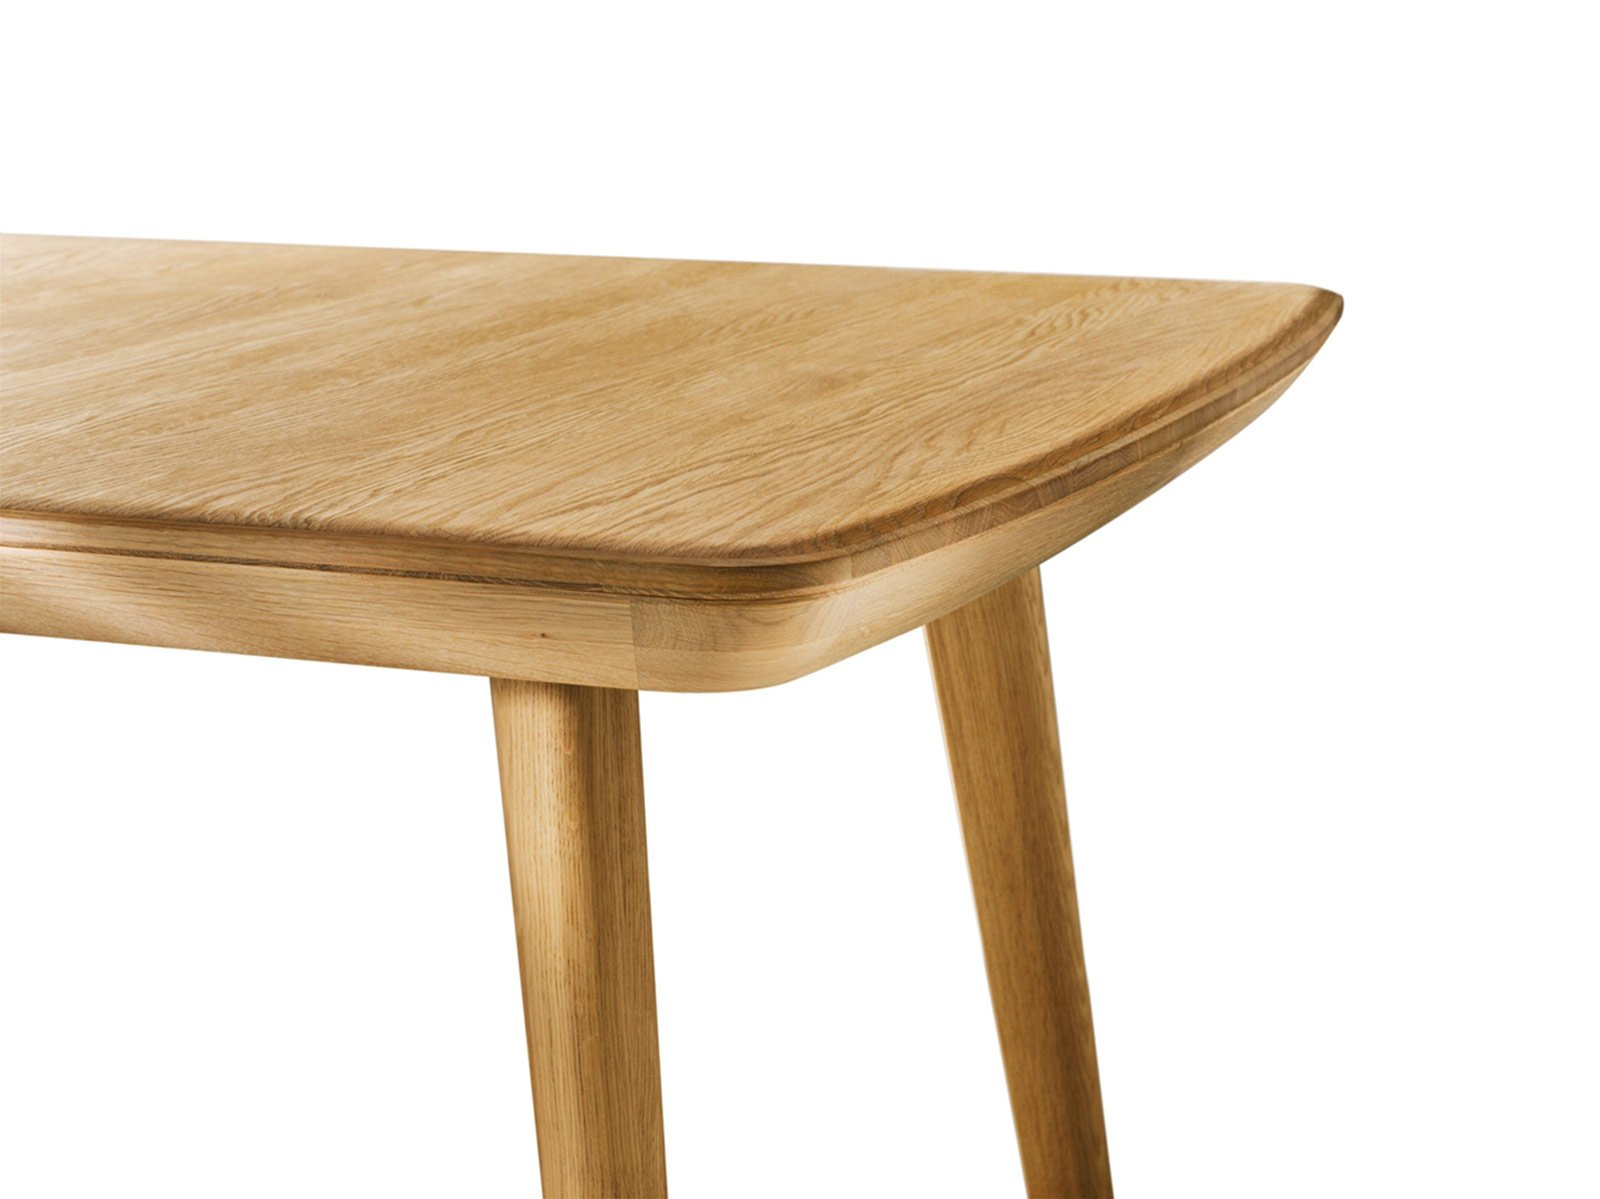 Tavolo in legno vintage moderno tradizionale cose di casa for Piani di casa tradizionali